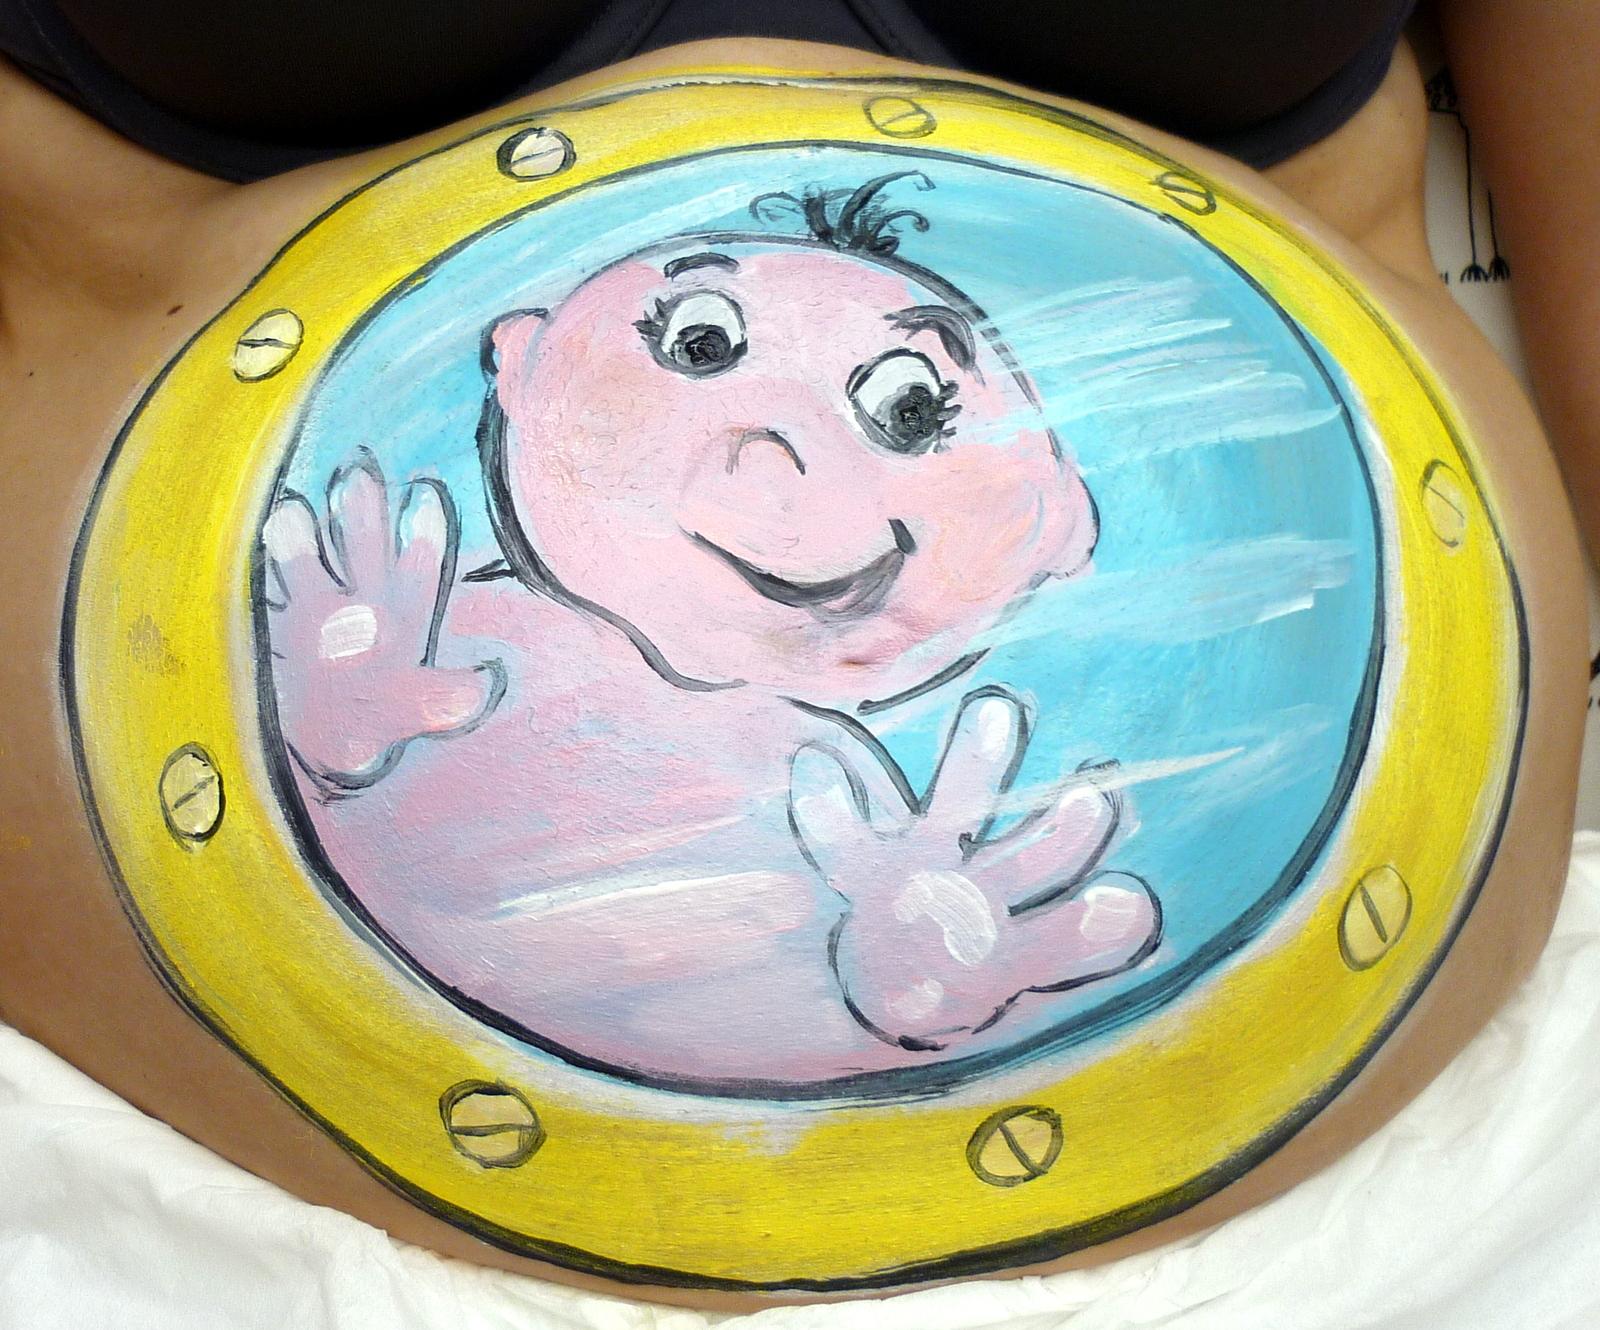 Body paint sur ventre femme enceinte «Belly paint»